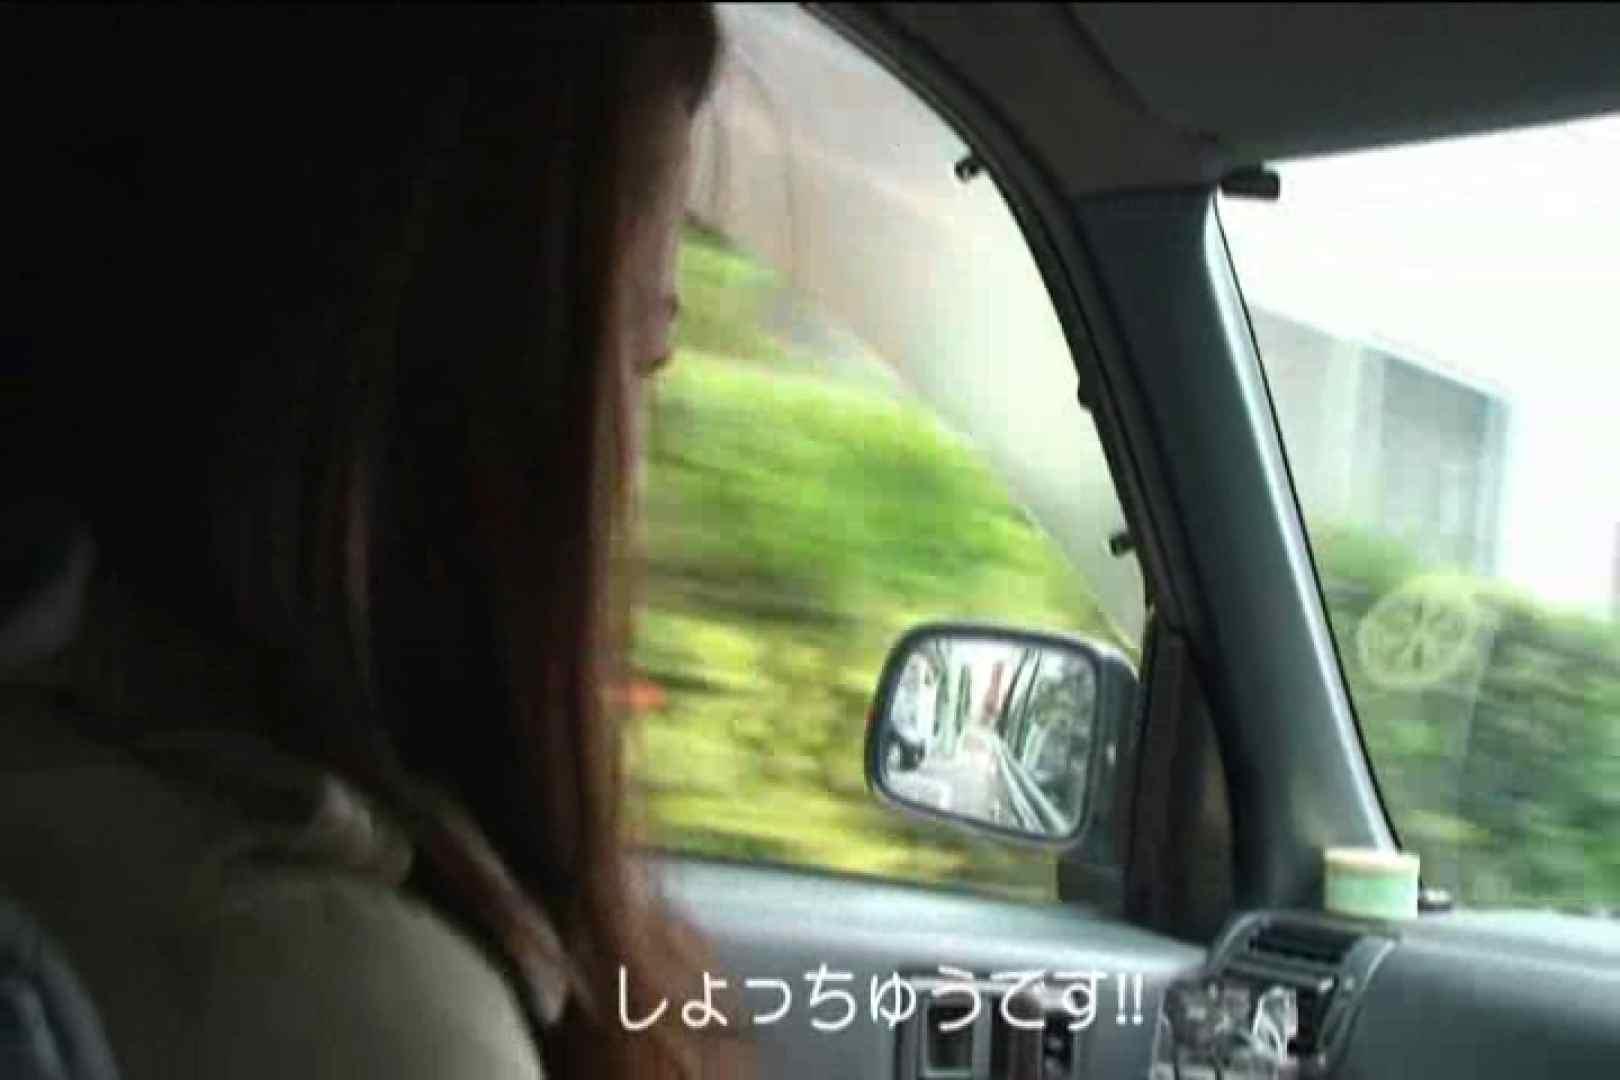 車内で初めまして! vol02 マンコバッチリ セックス無修正動画無料 13pic 3